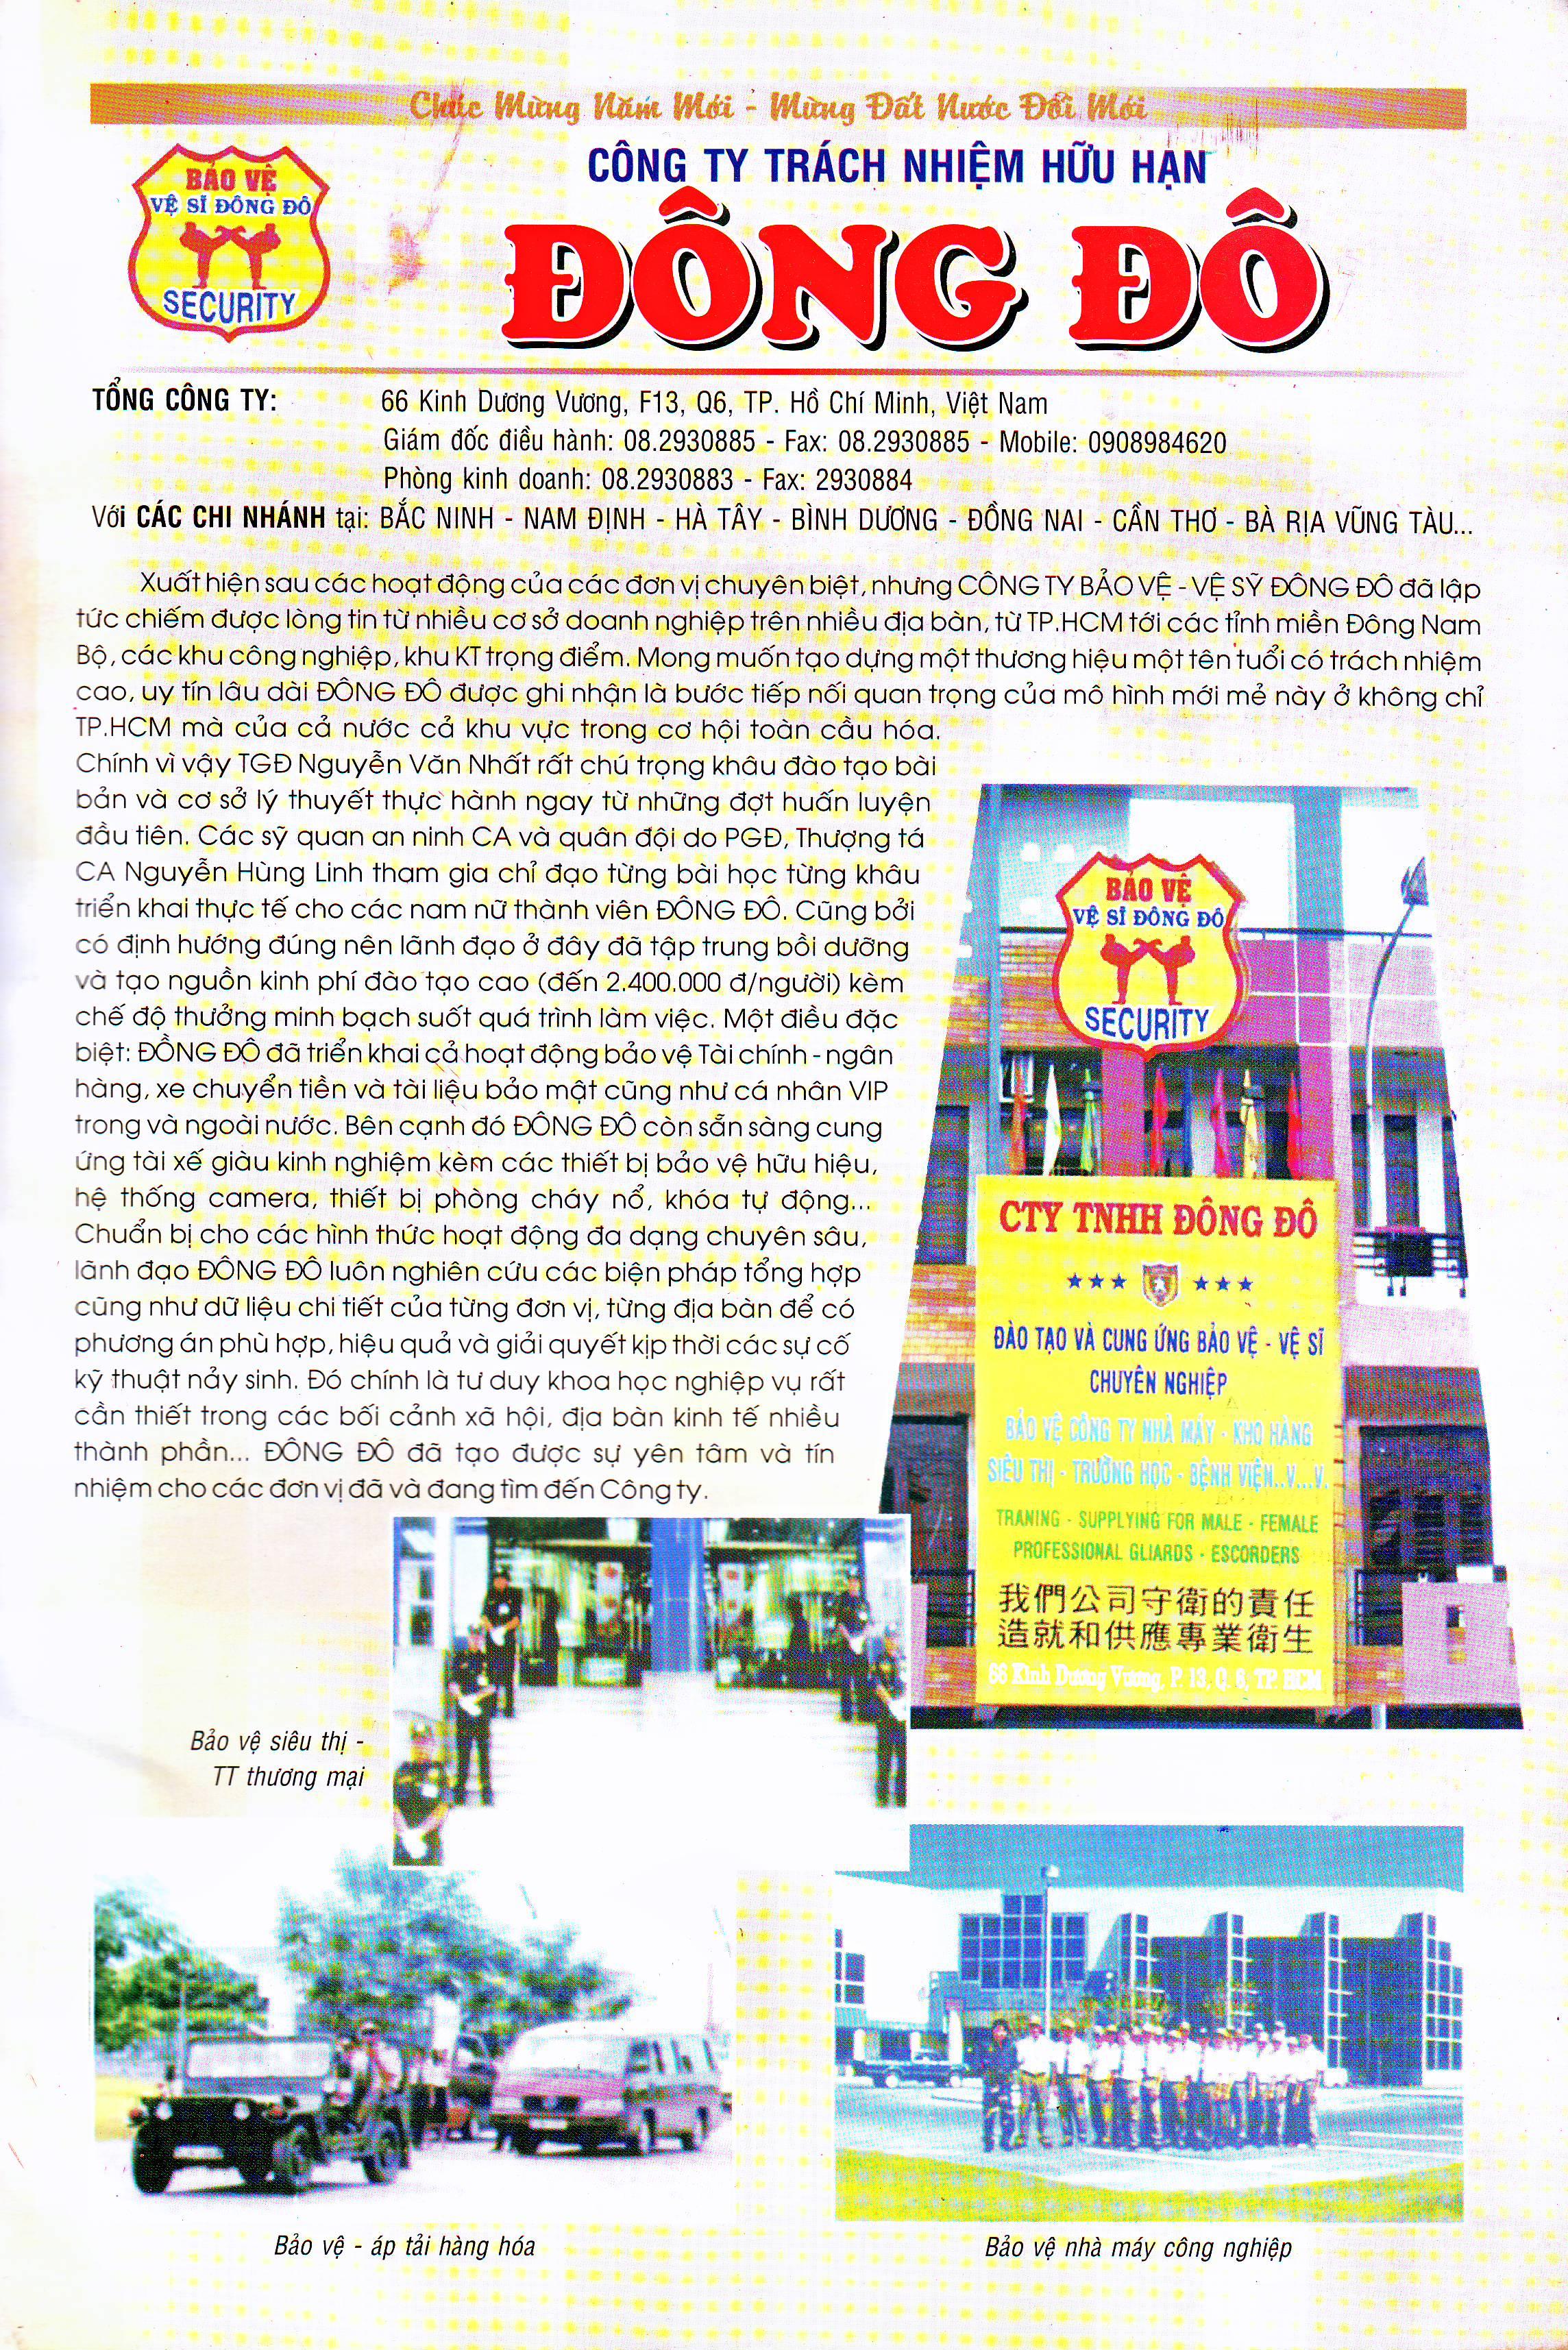 Báo công an viết về Công ty dịch vụ bảo vệ vệ sĩ Đông Đô